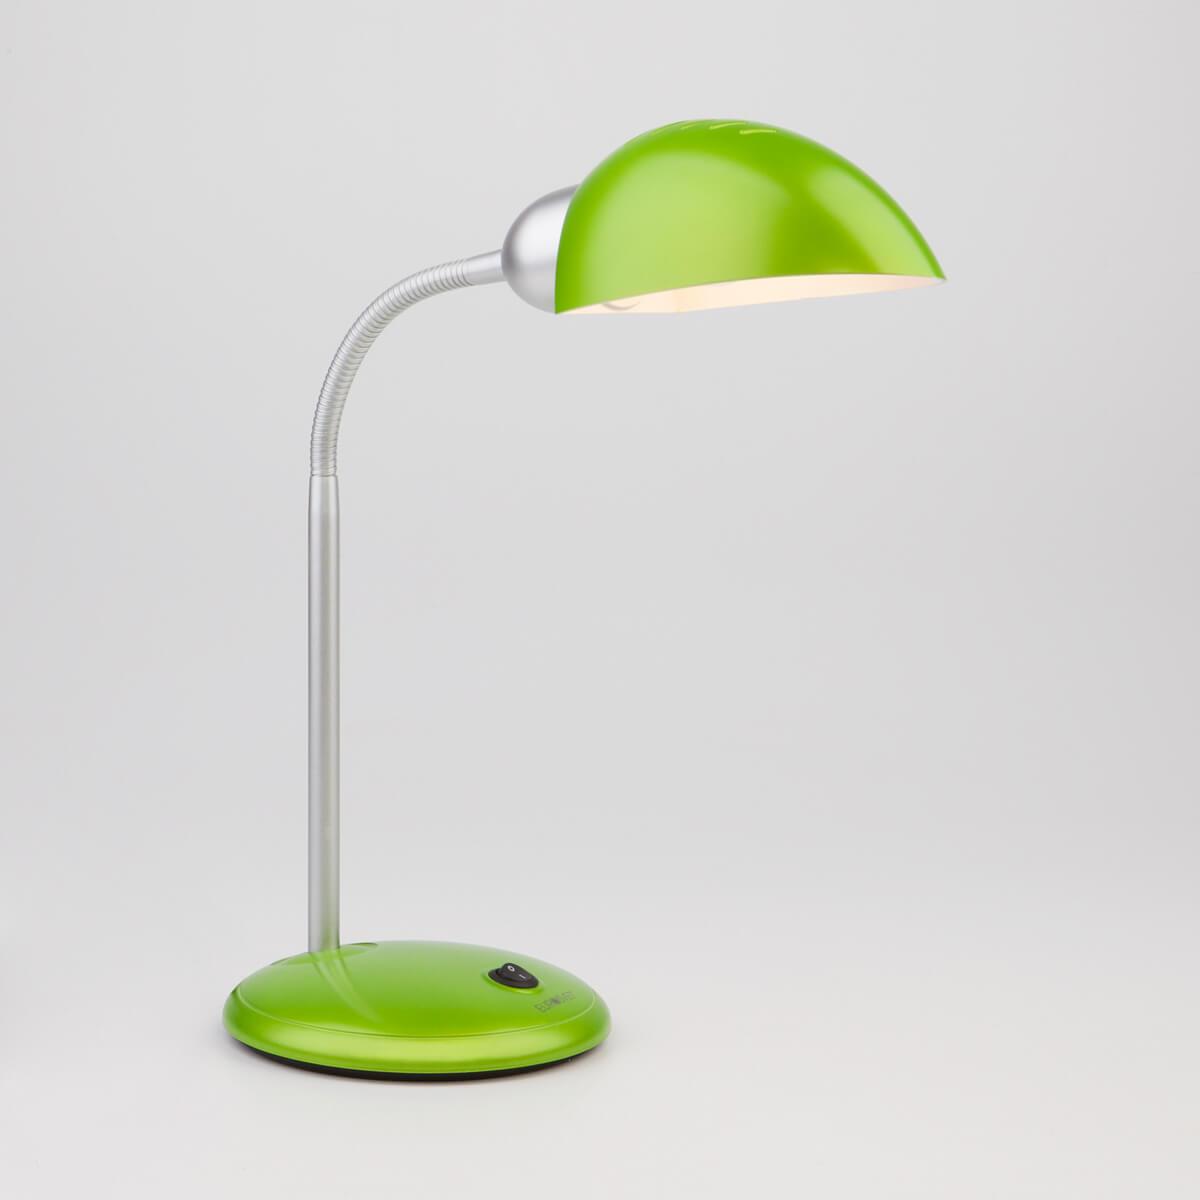 Настольная лампа Eurosvet 1926 зеленый 1926 настольная лампа eurosvet 1926 серебристый 1926